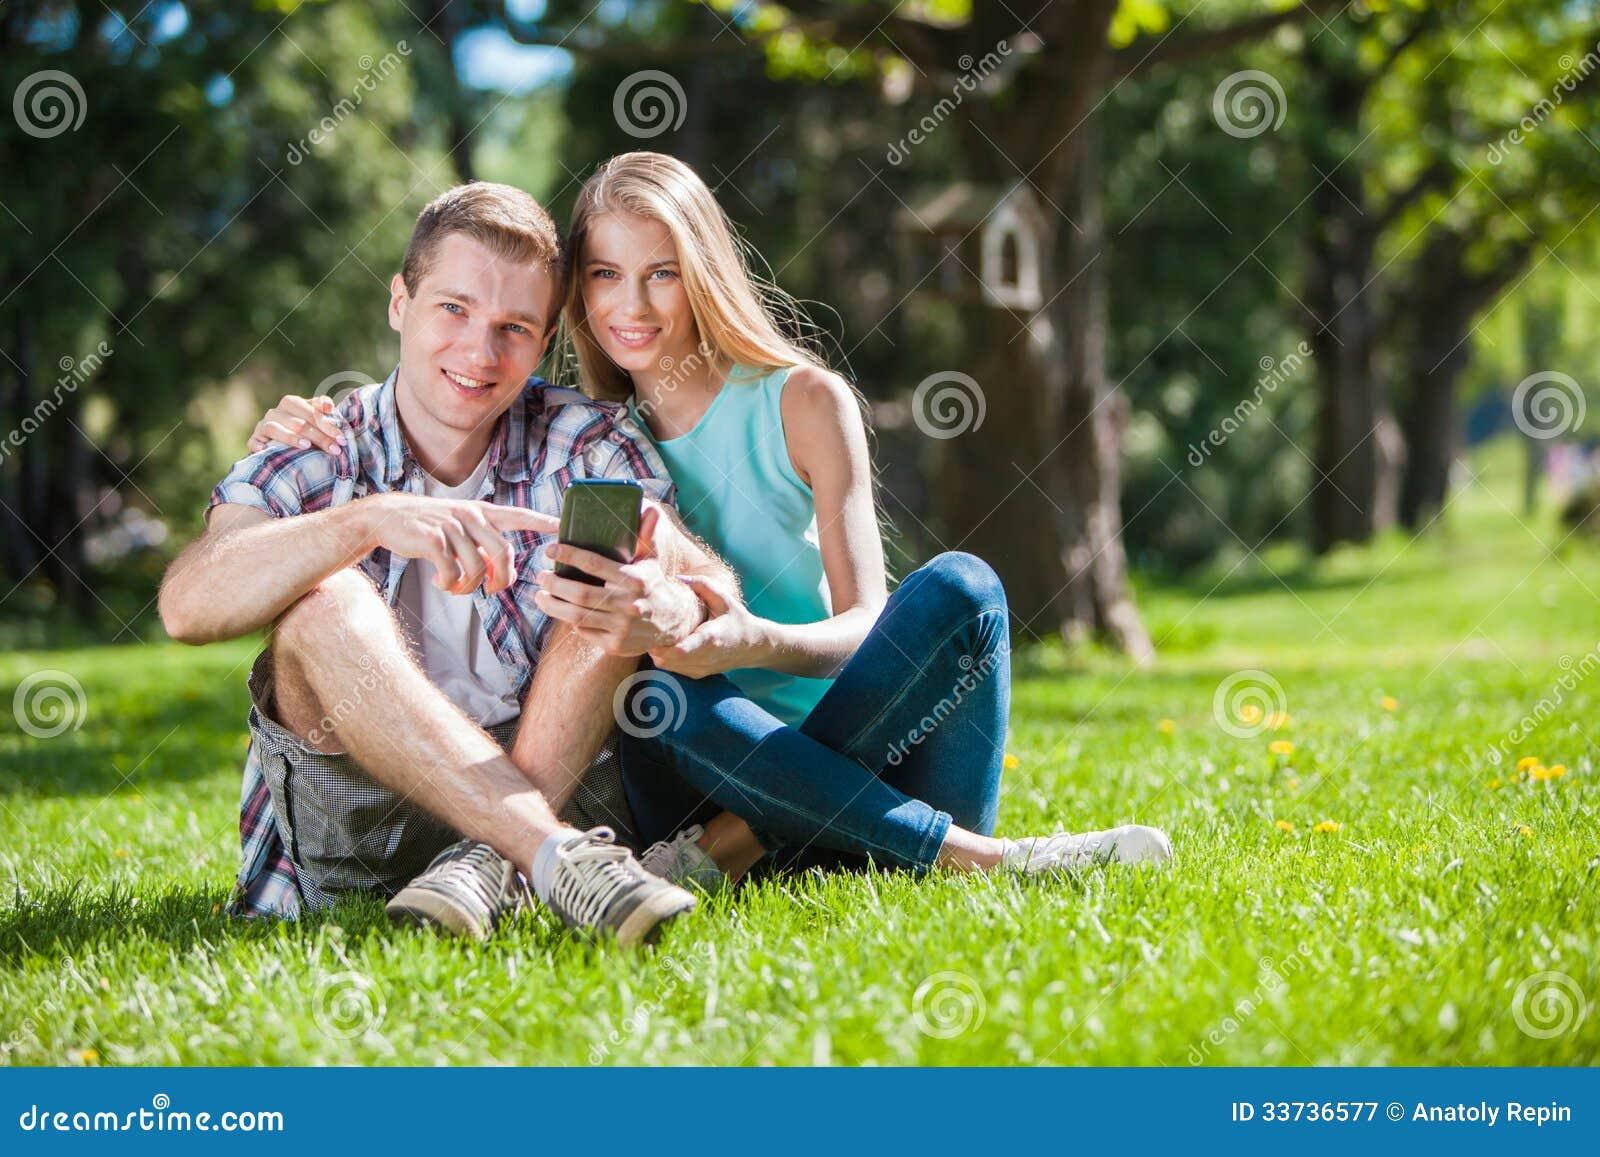 Glückliche junge Leute draußen